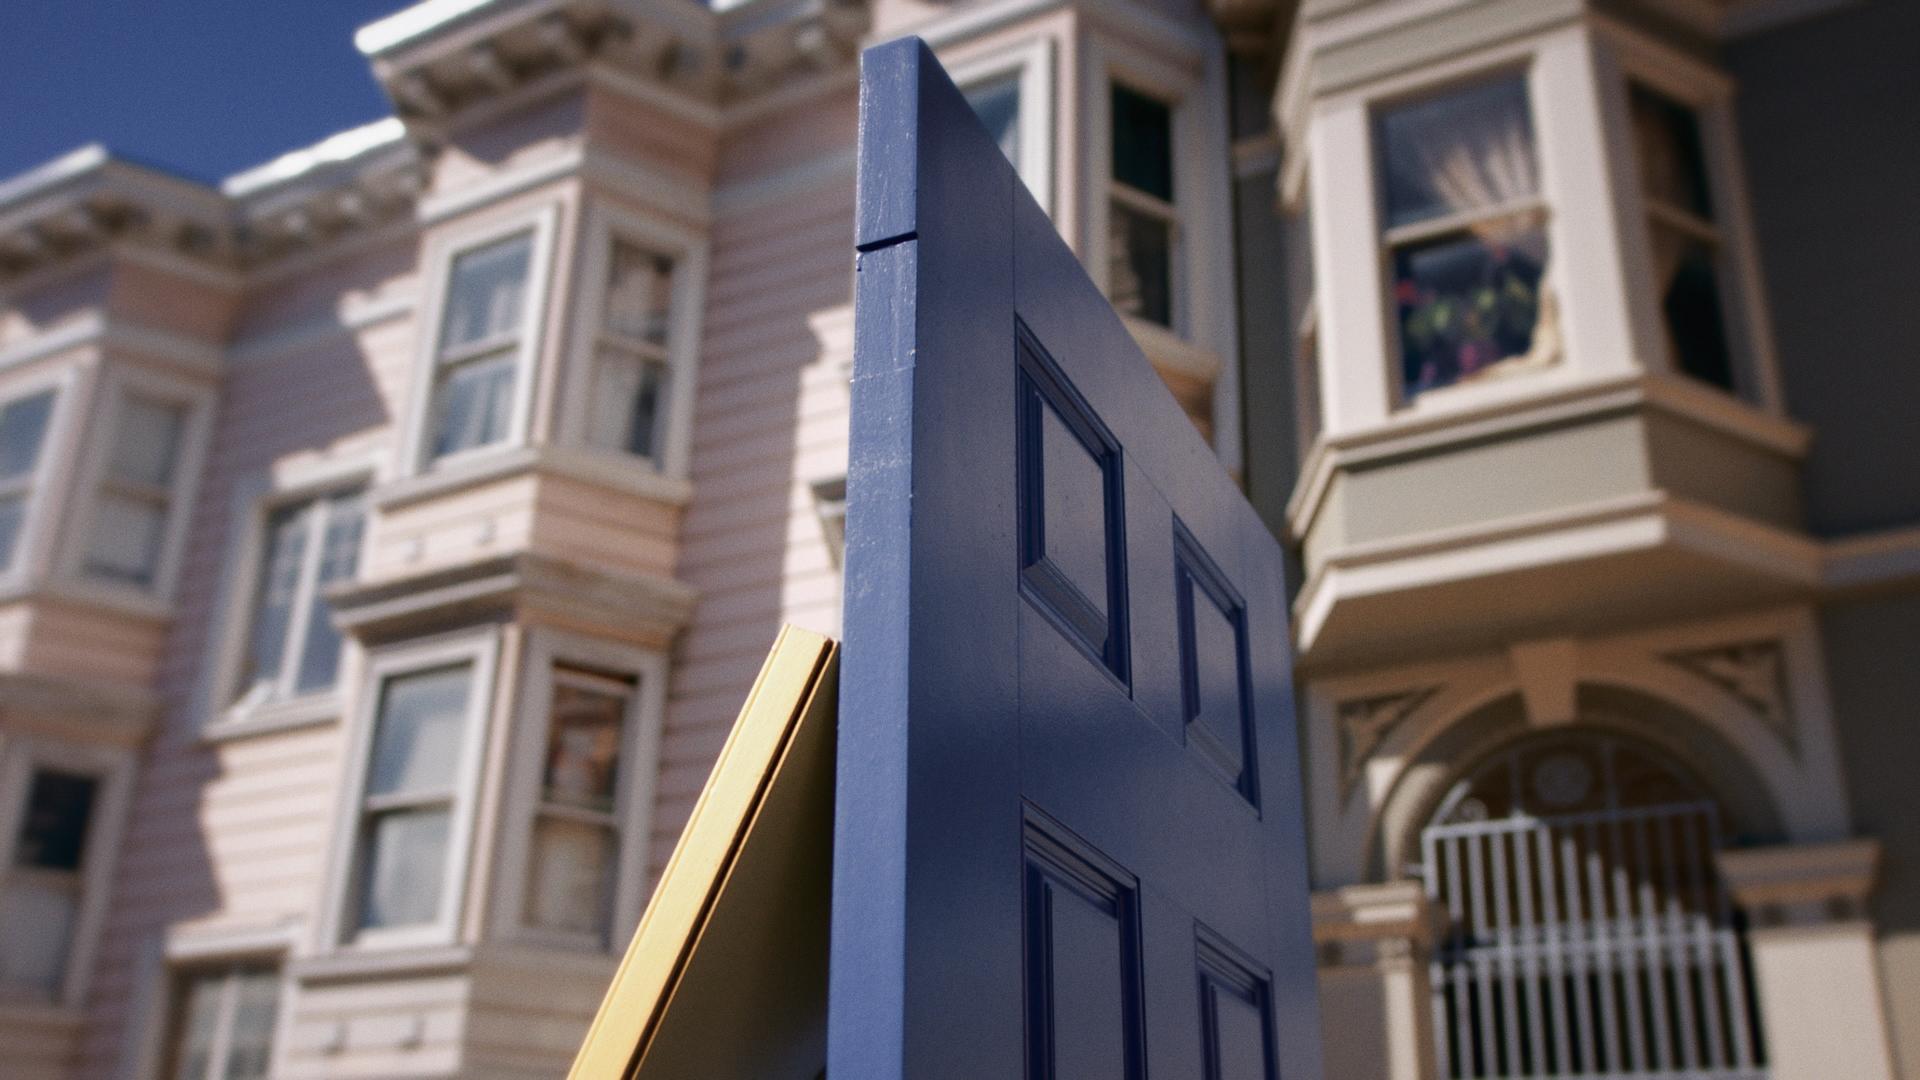 Unison_doors Joed.mov.01_00_48_01.Still042.jpg